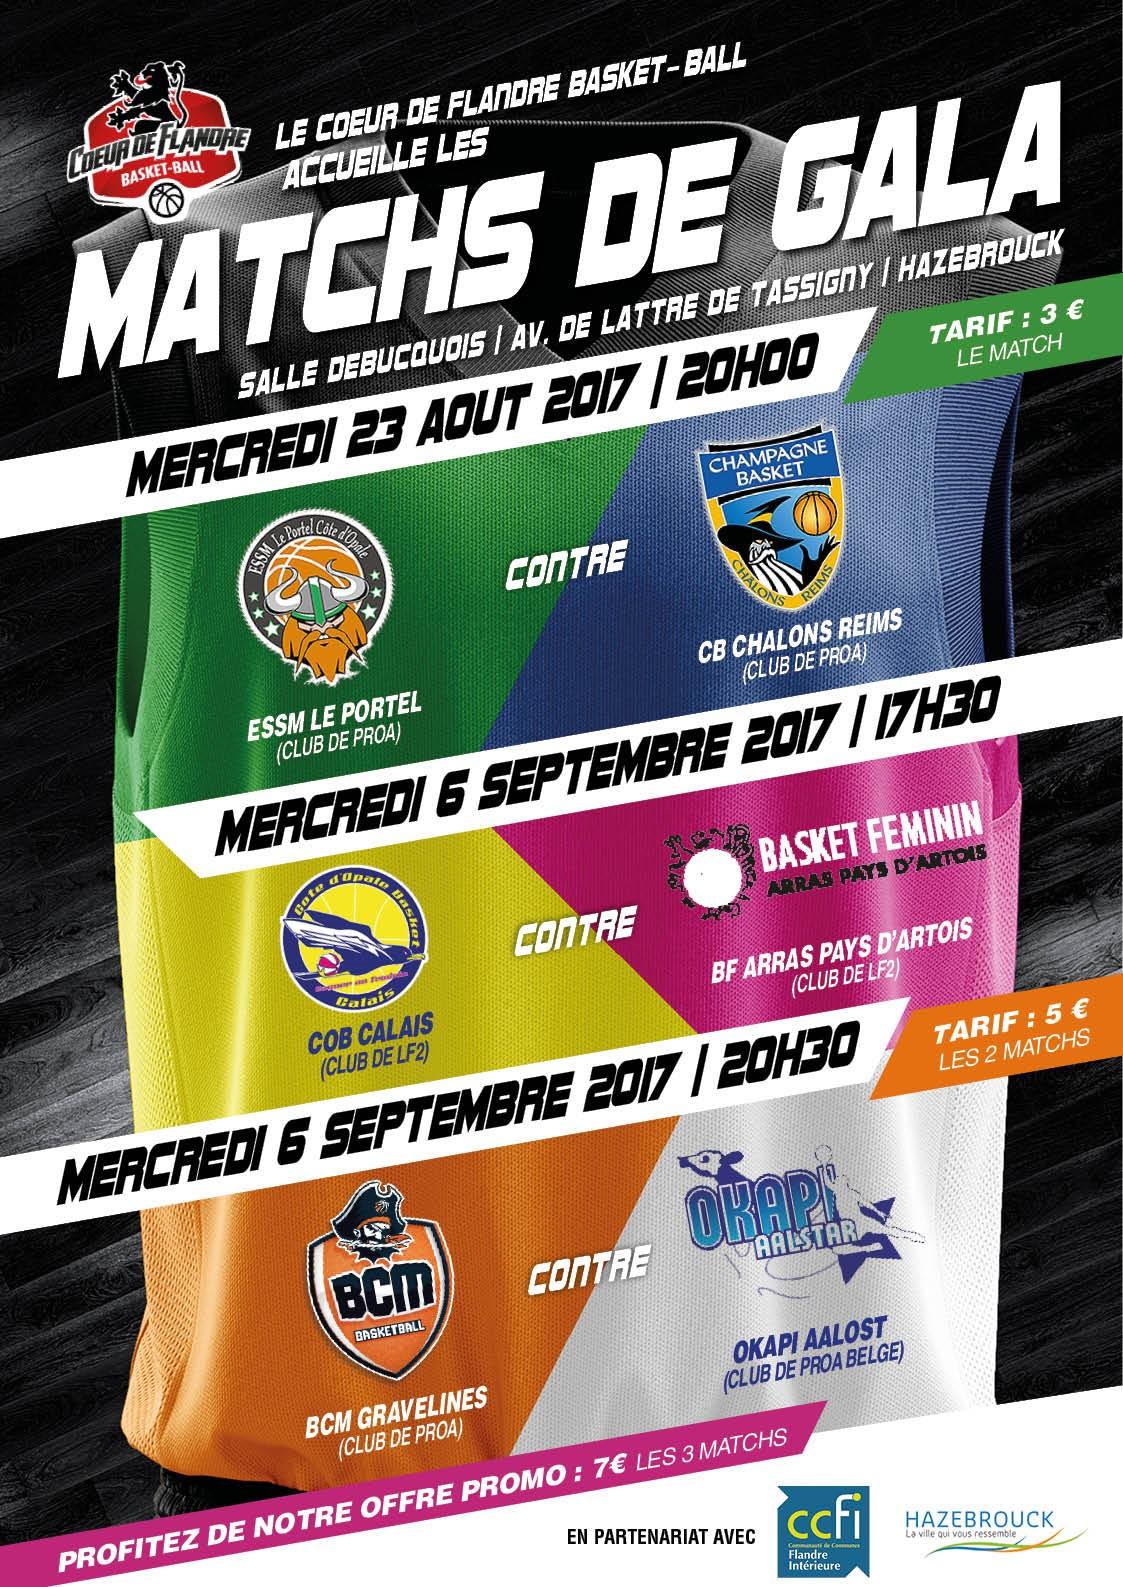 Matchs de Gala au Cœur de Flandres